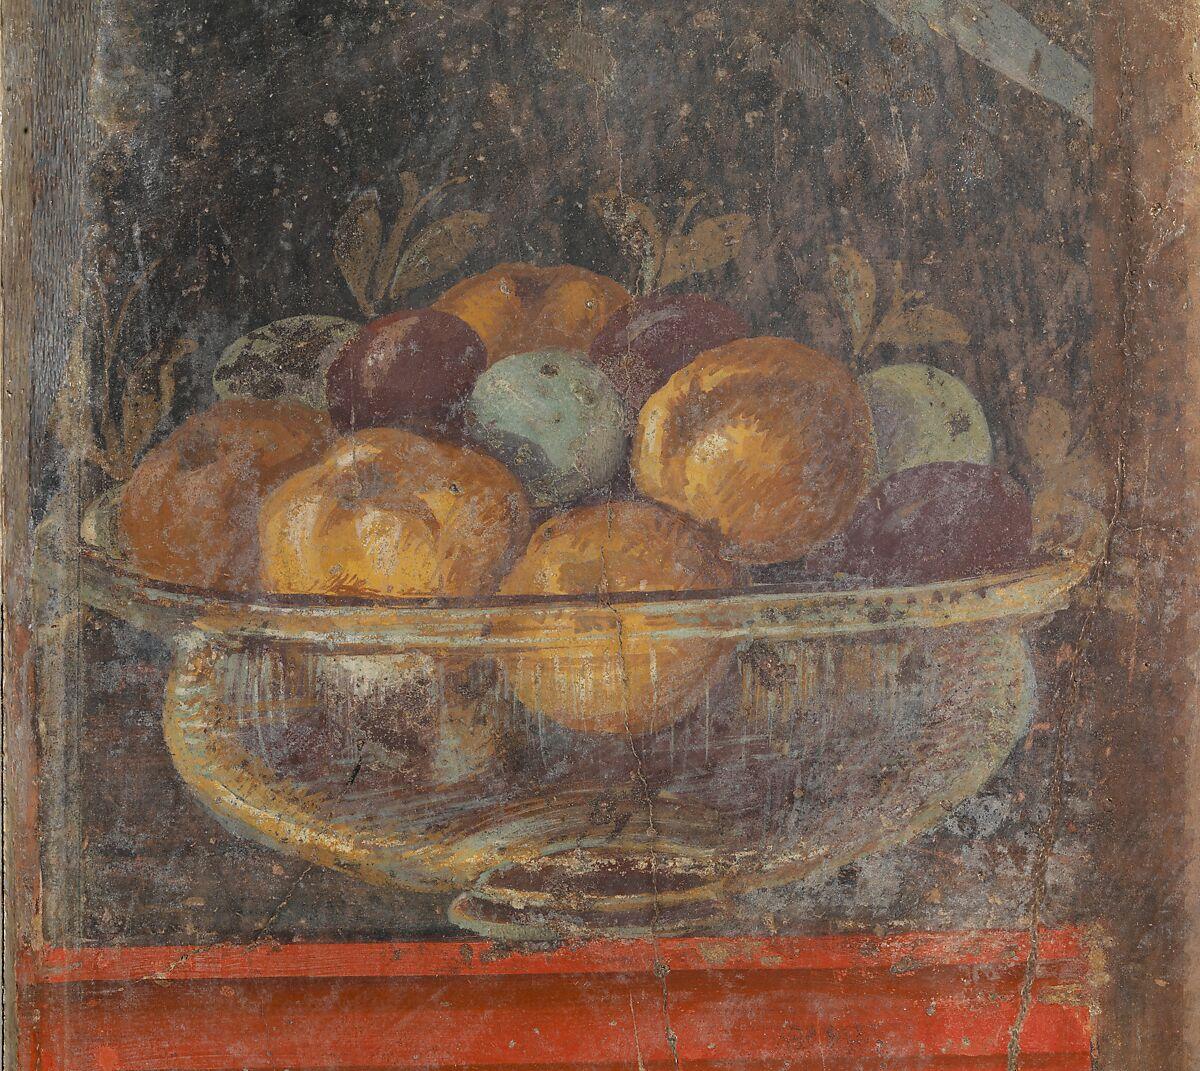 Antikes Fresko mit Obstschale